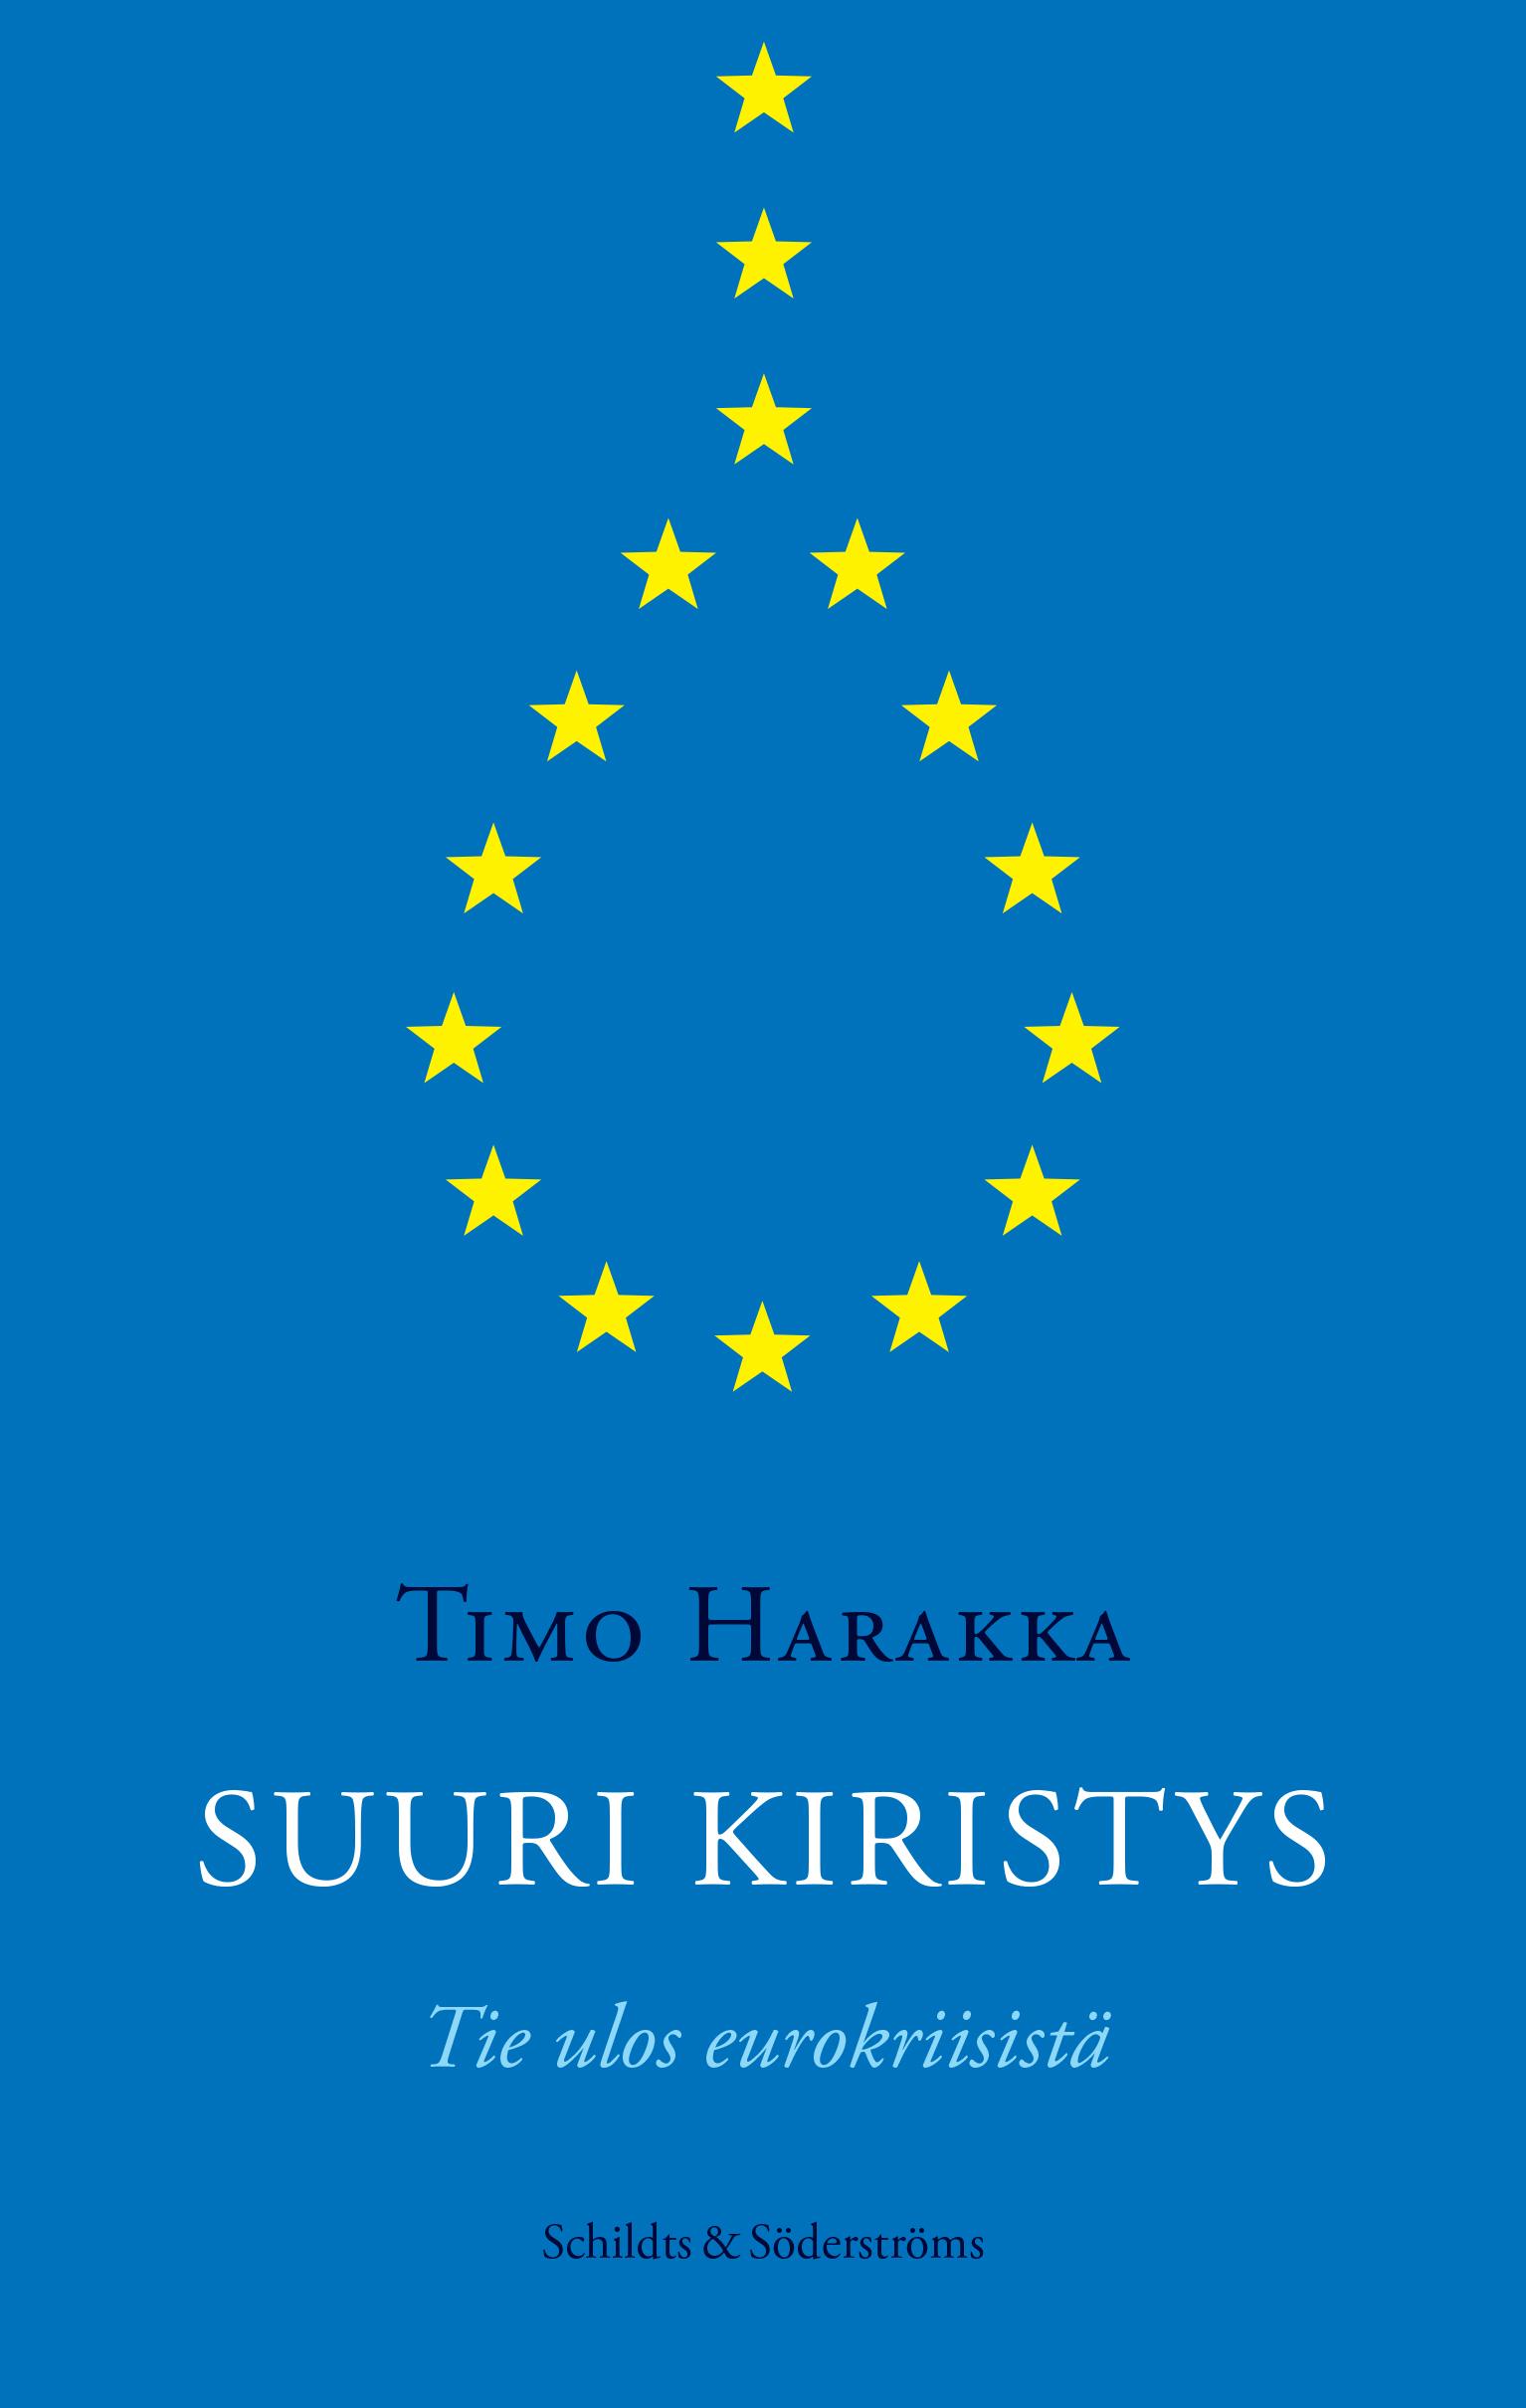 Timo Harakka: Suuri kiristys. Tie ulos eurokriisistä. Schildts & Söderströms 2014, 299 s.